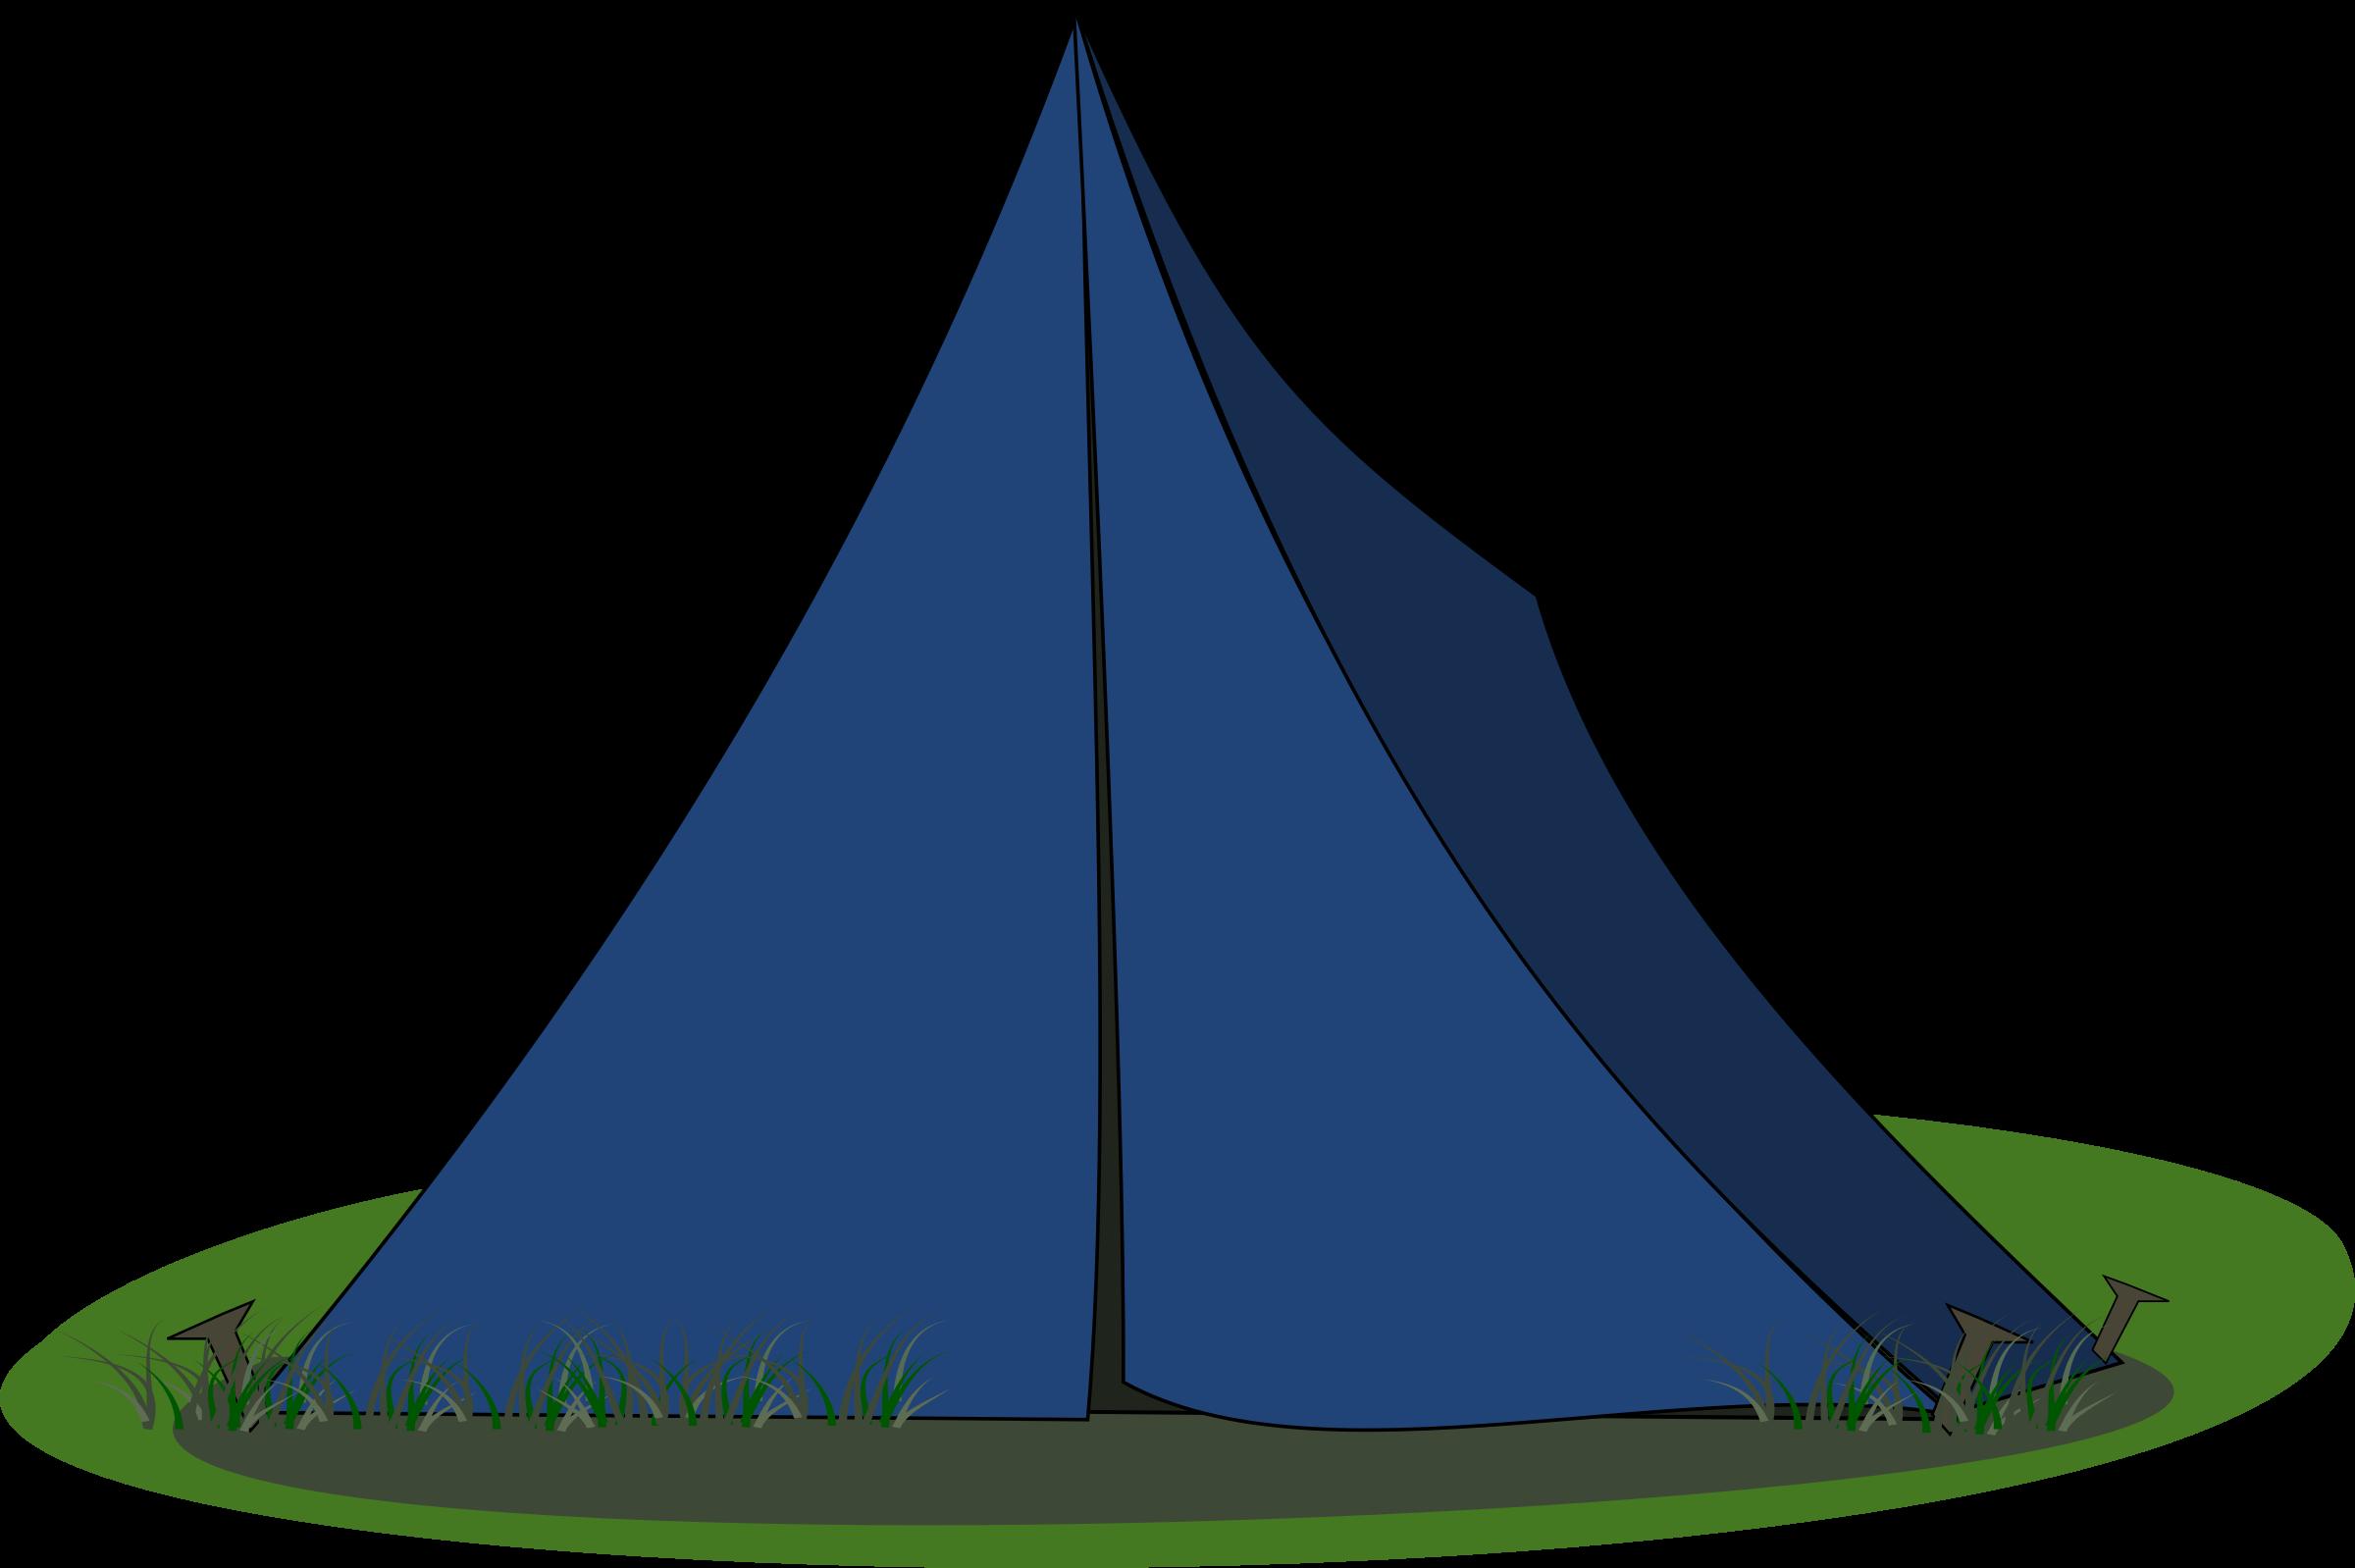 Blue png image purepng. Clipart tent encampment